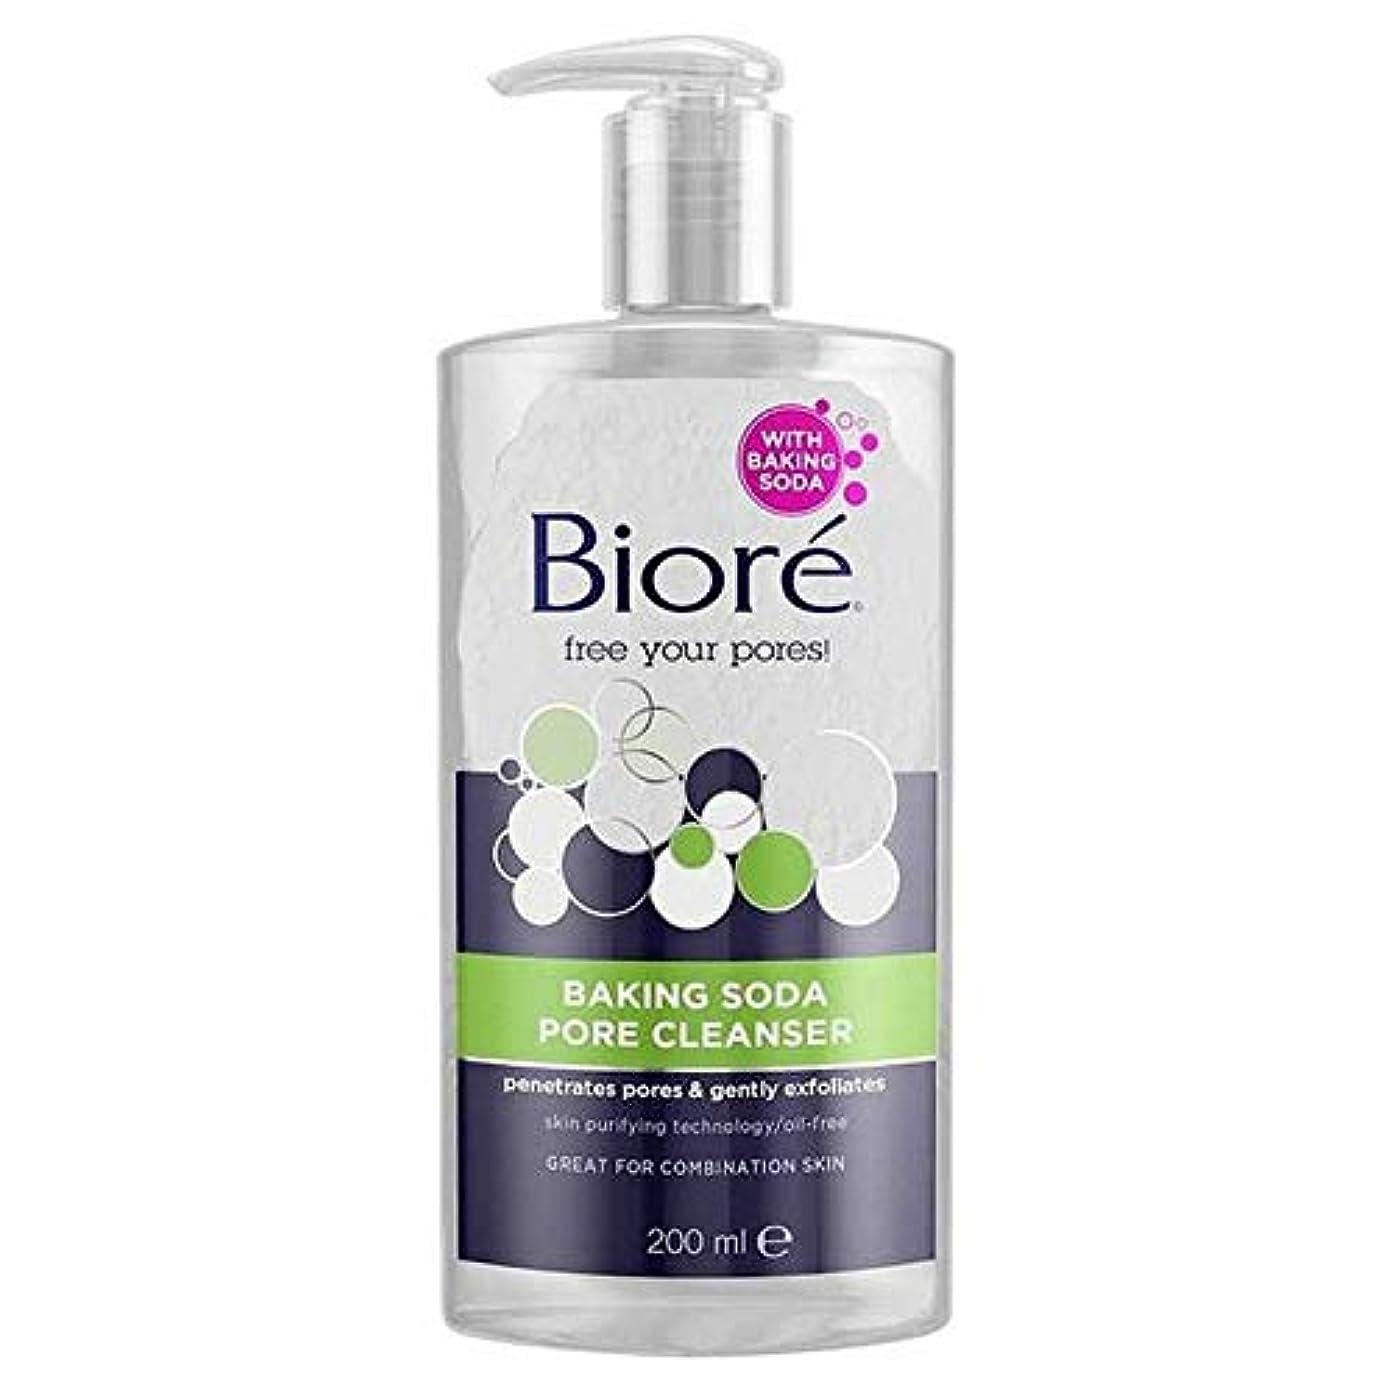 カジュアル略す思春期の[Biore ] ビオレベーキングソーダポアクレンザーの200ミリリットル - Biore Baking Soda Pore Cleanser 200ml [並行輸入品]